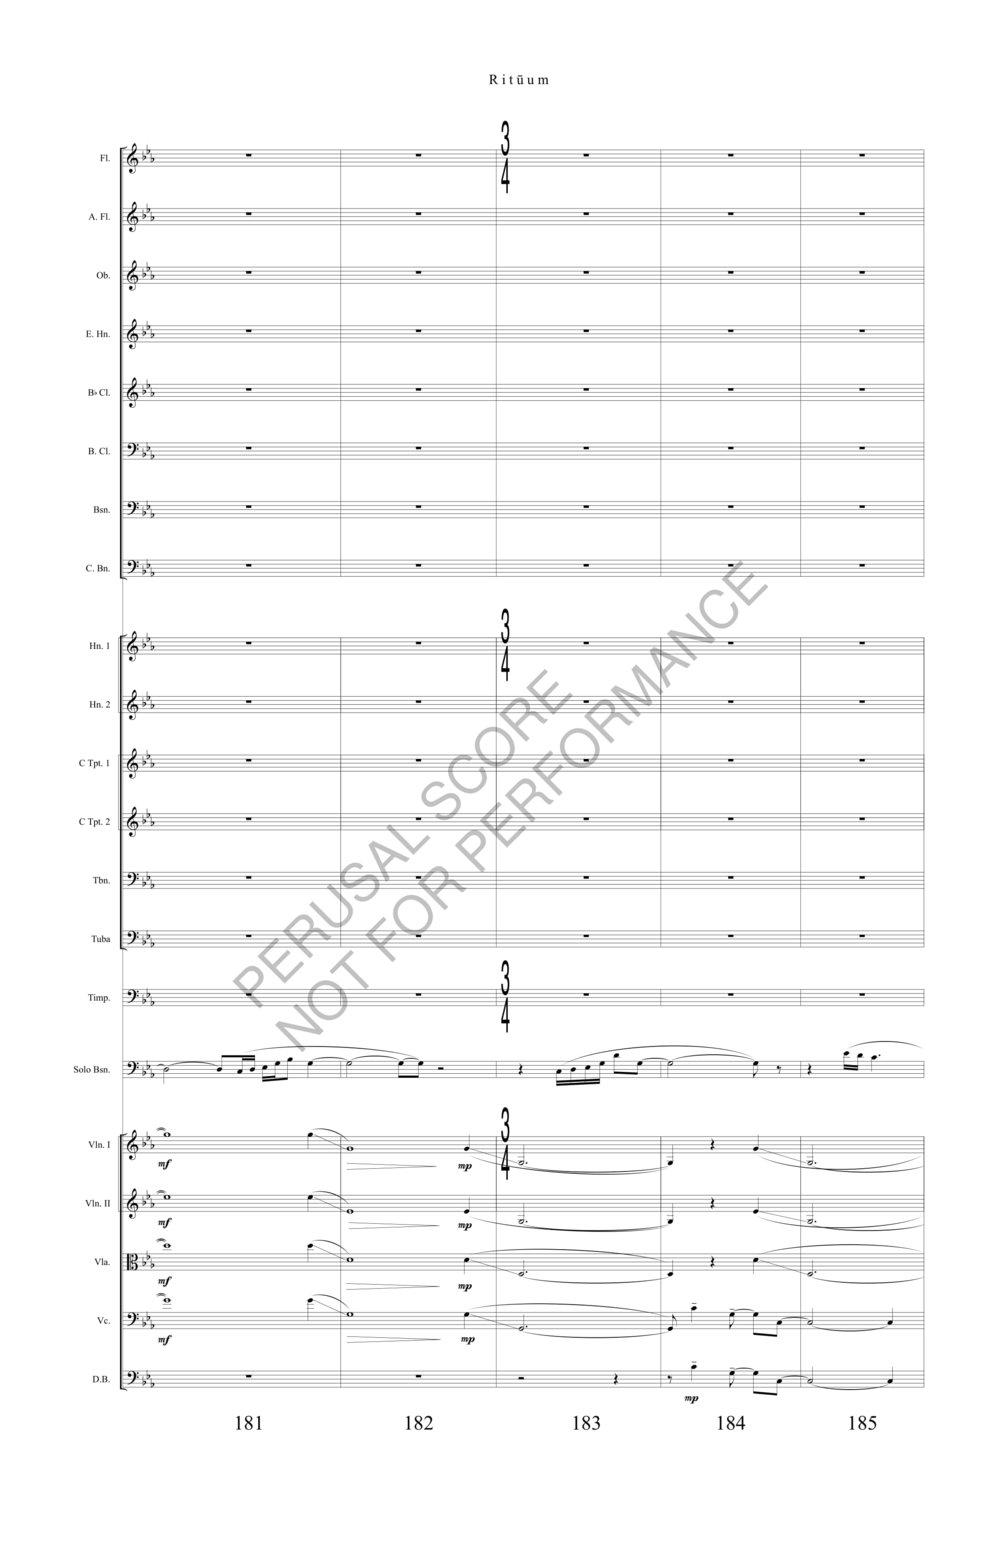 Boyd Rituum Score-watermark (1)-44.jpg